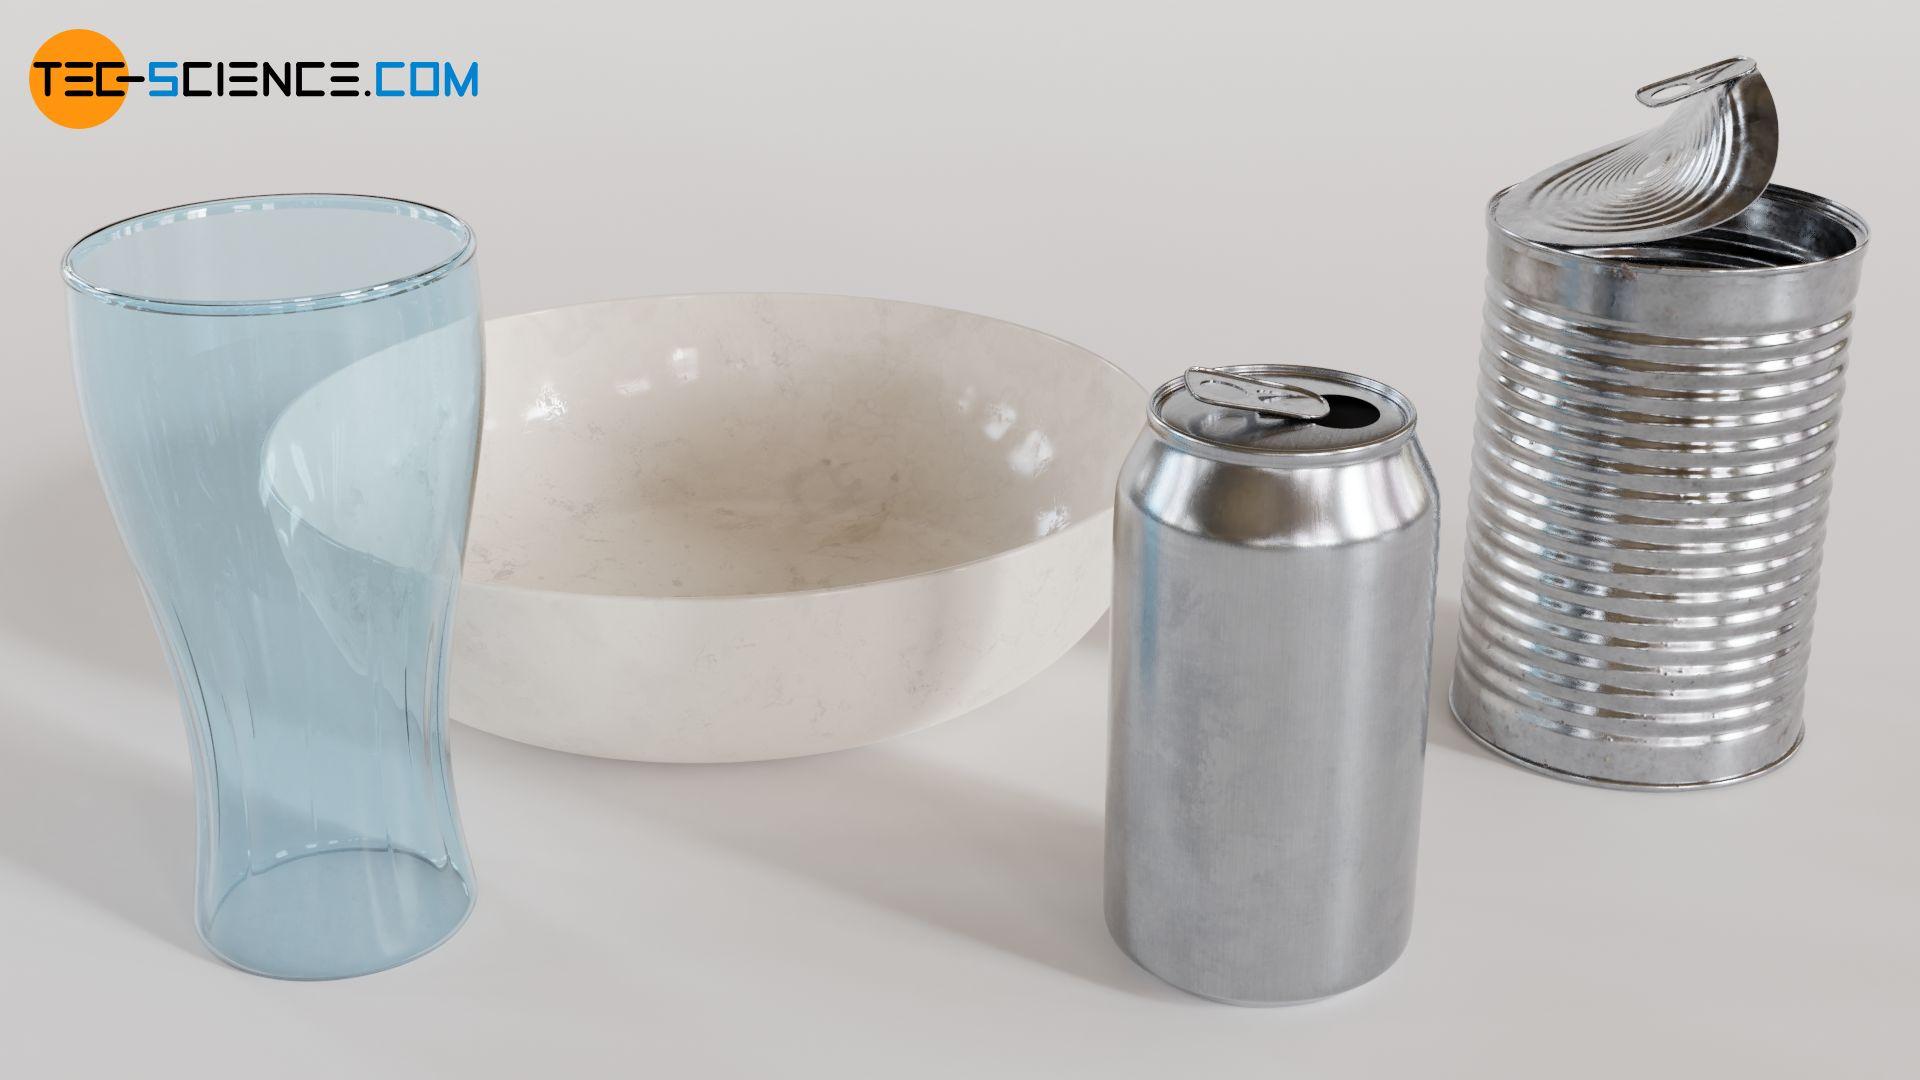 Gegenstände bestehend aus einem einzigen Material